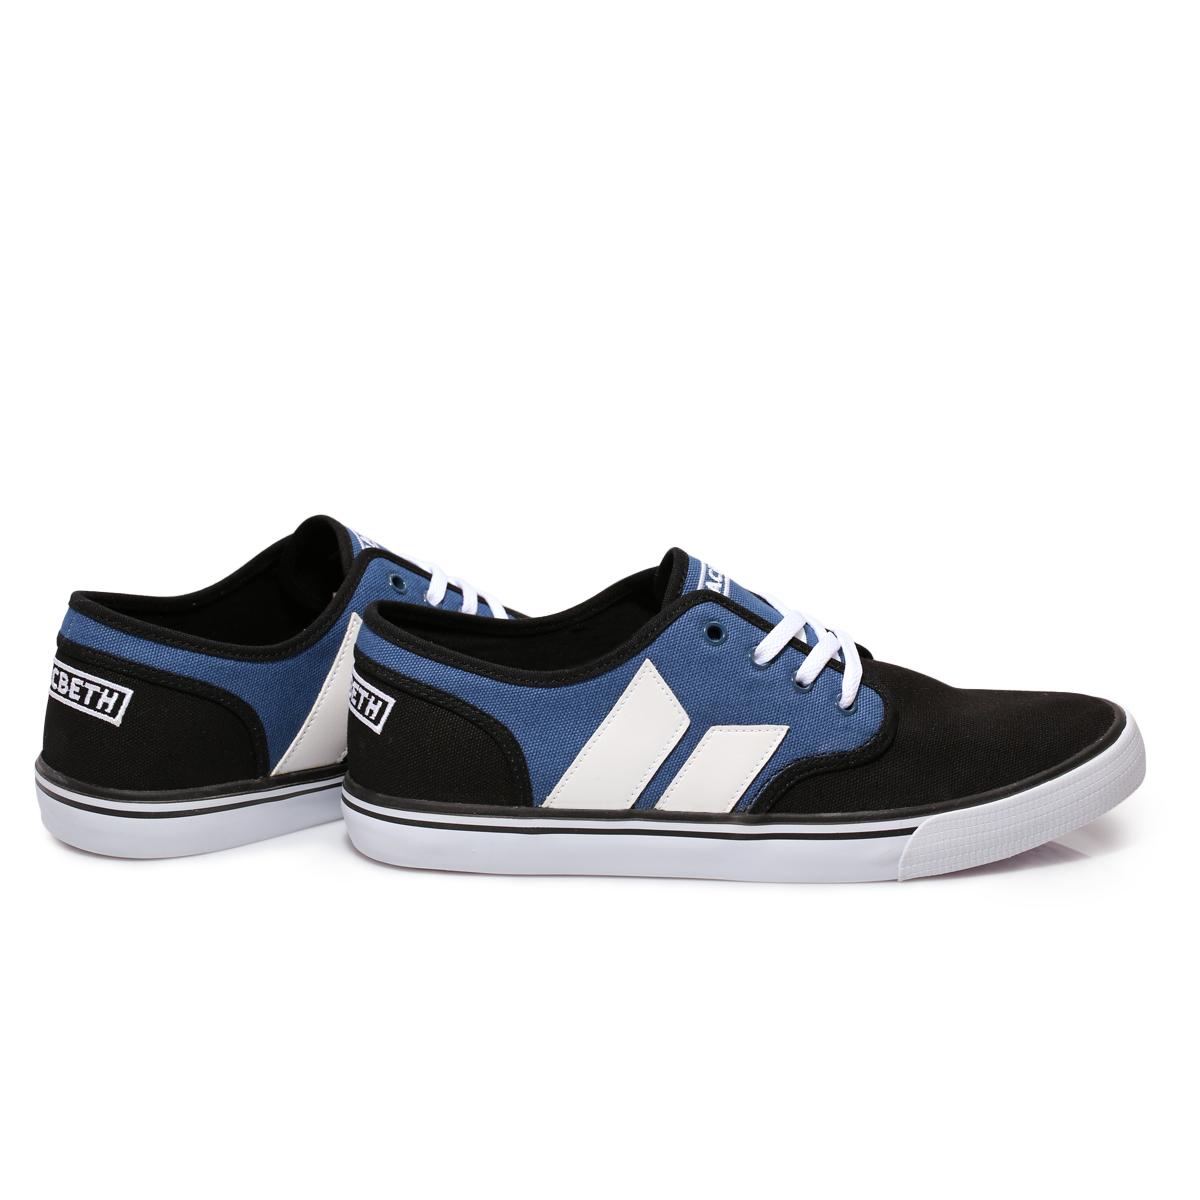 Macbeth Adams Camo Black Navy Blue Canvas Mens Trainers Sneakers Shoes Size  7 11. Macbeth Adams Camo Black Navy Blue Canvas Mens Trainers Sneakers